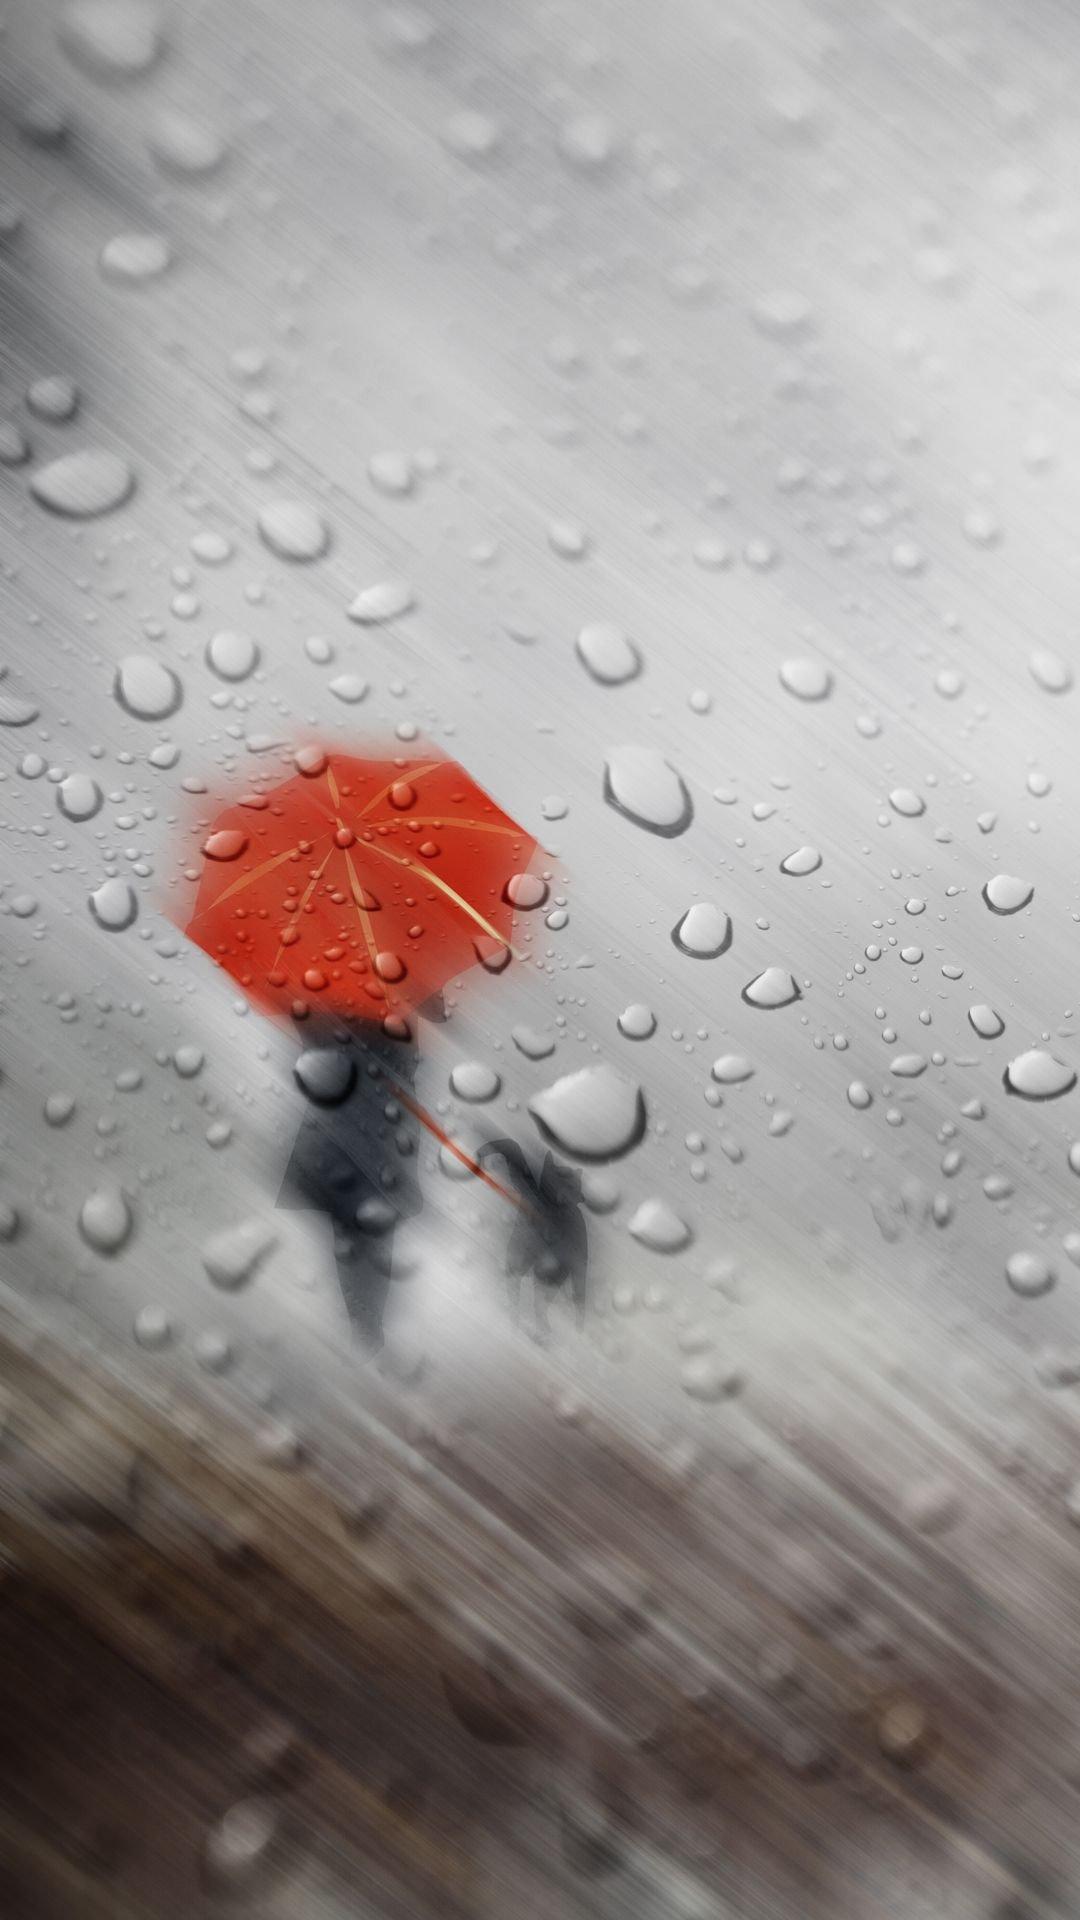 Rain wallpaper for mobile